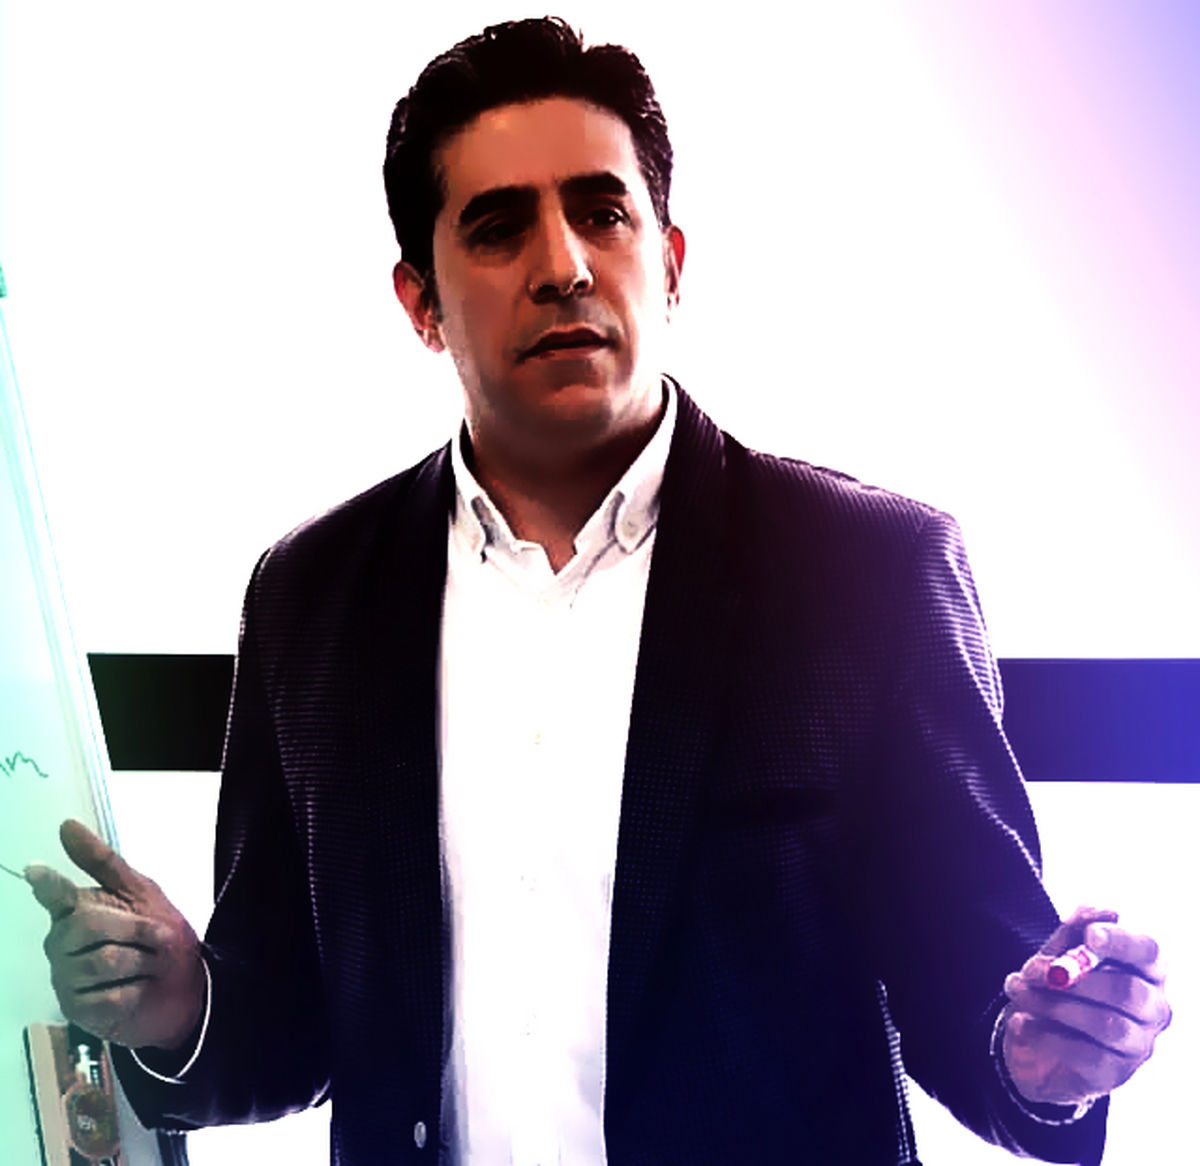 حامد شیدائیان؛ سرپرست مدیریت کسب و کارهای نوین بیمه تجارتنو